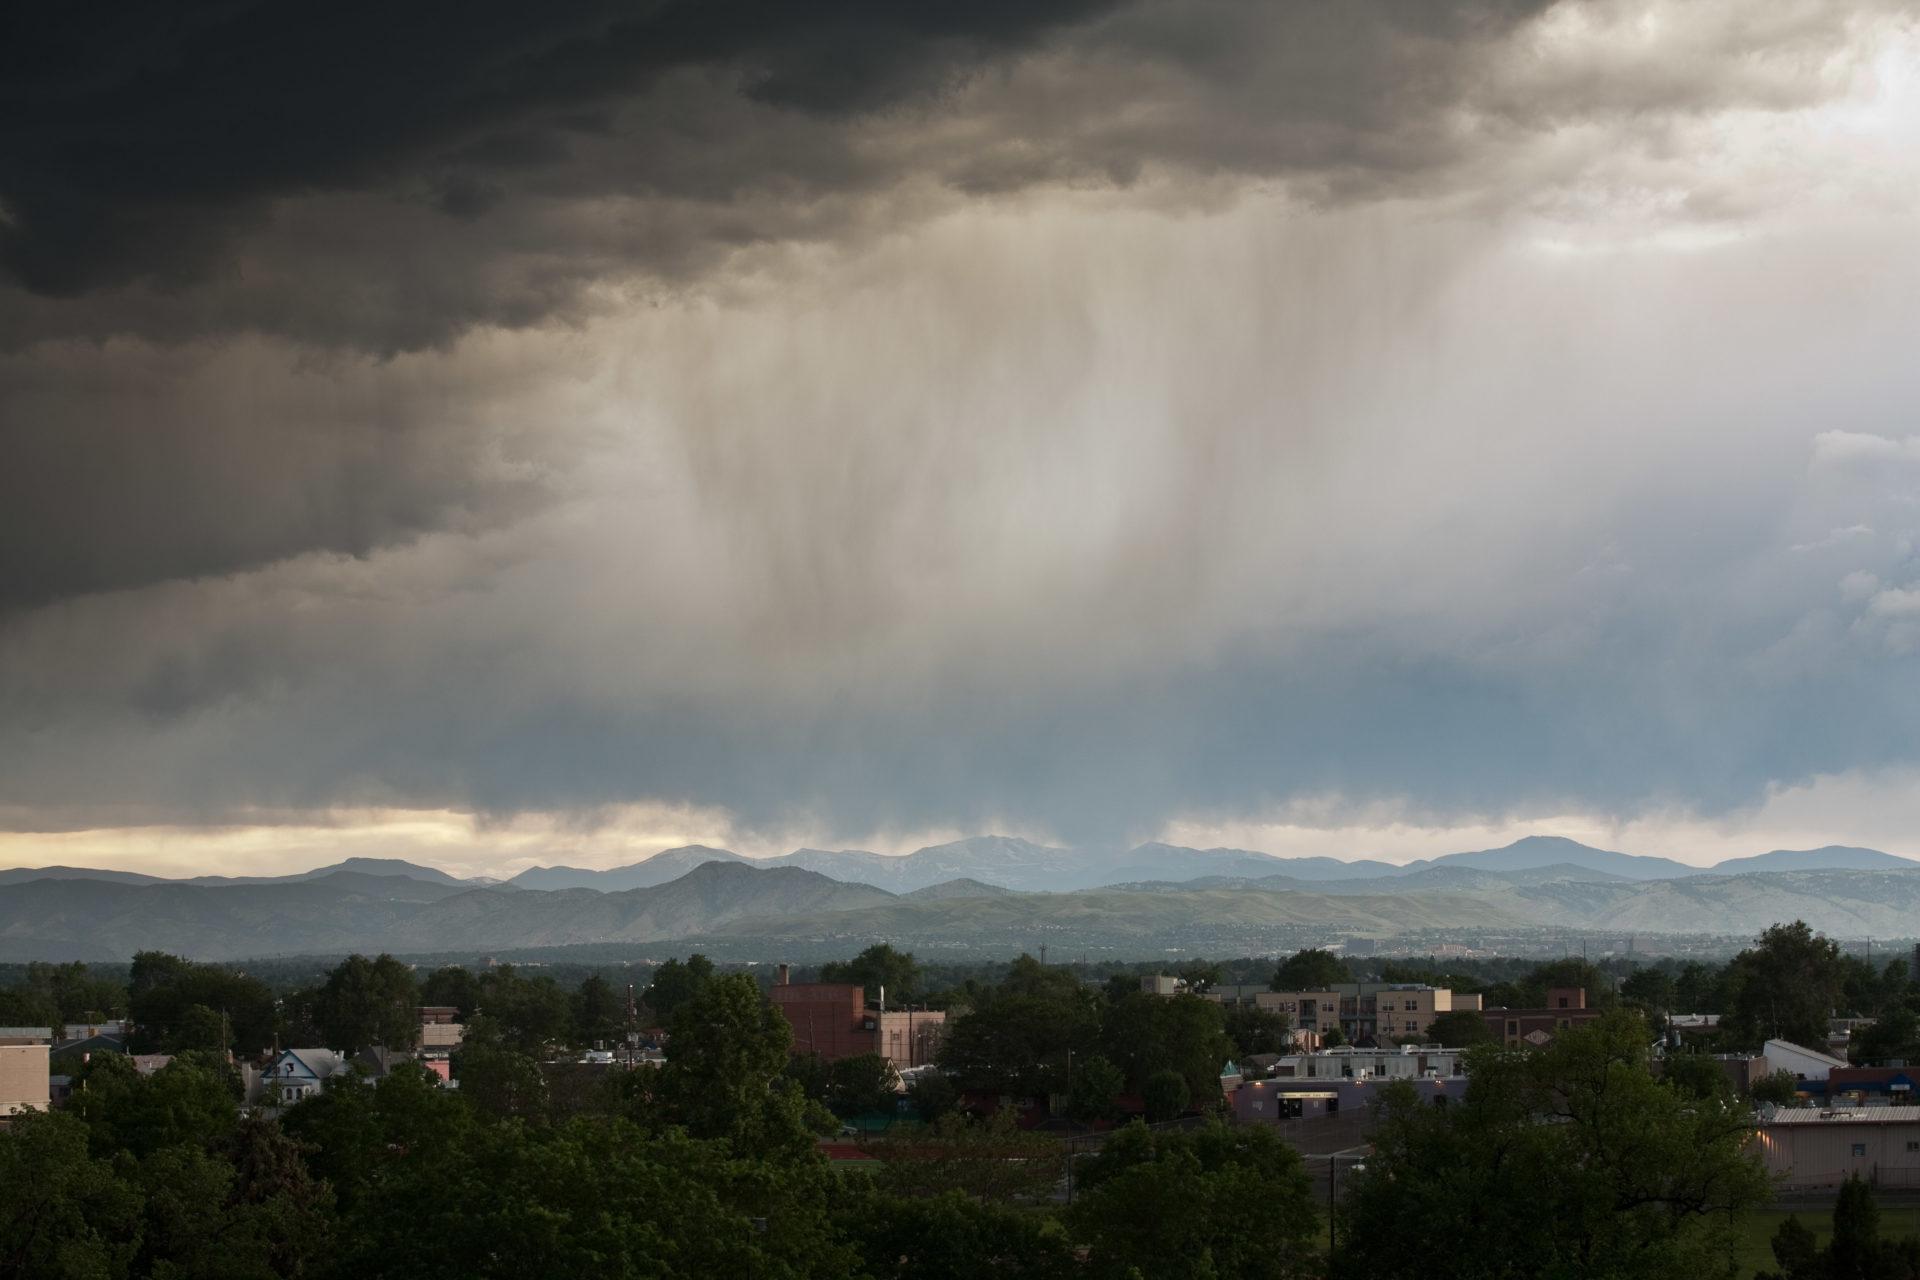 Mount Evans storm - June 13, 2011